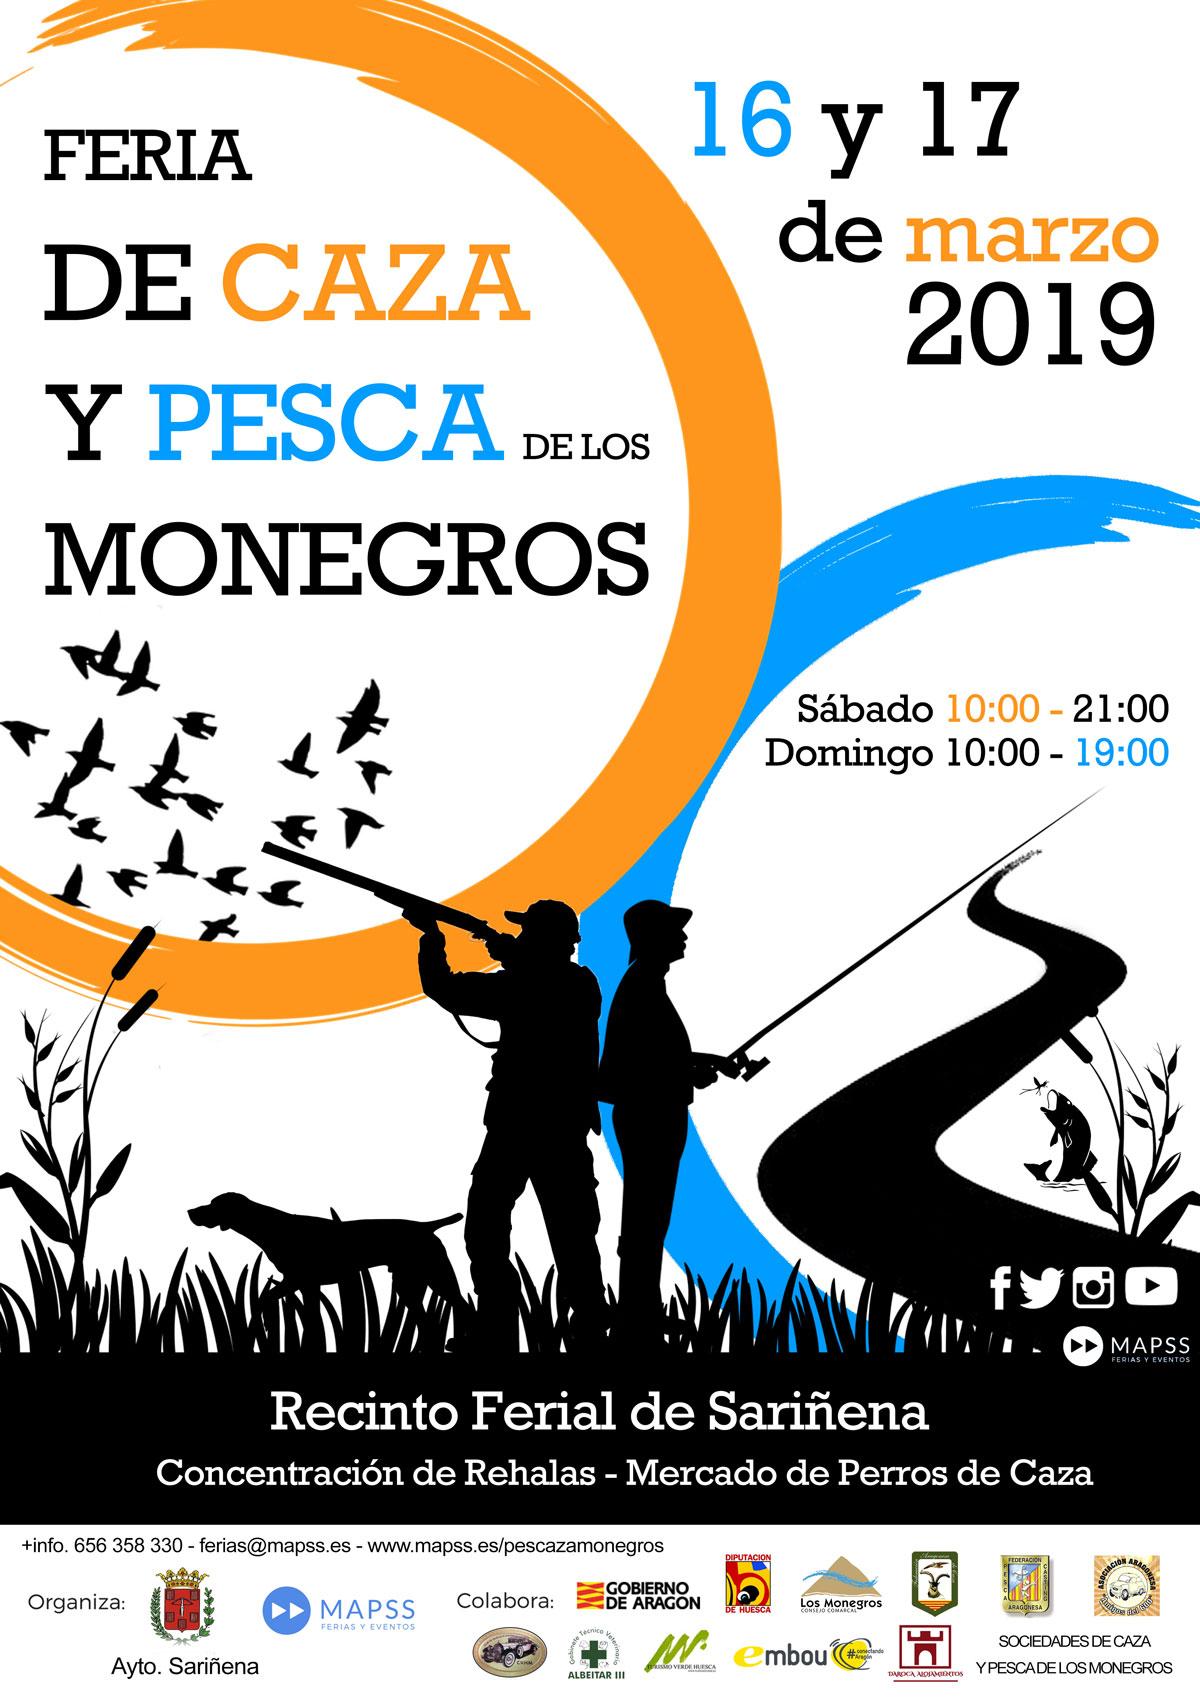 Feria de Caza y Pesca de Los Monegros